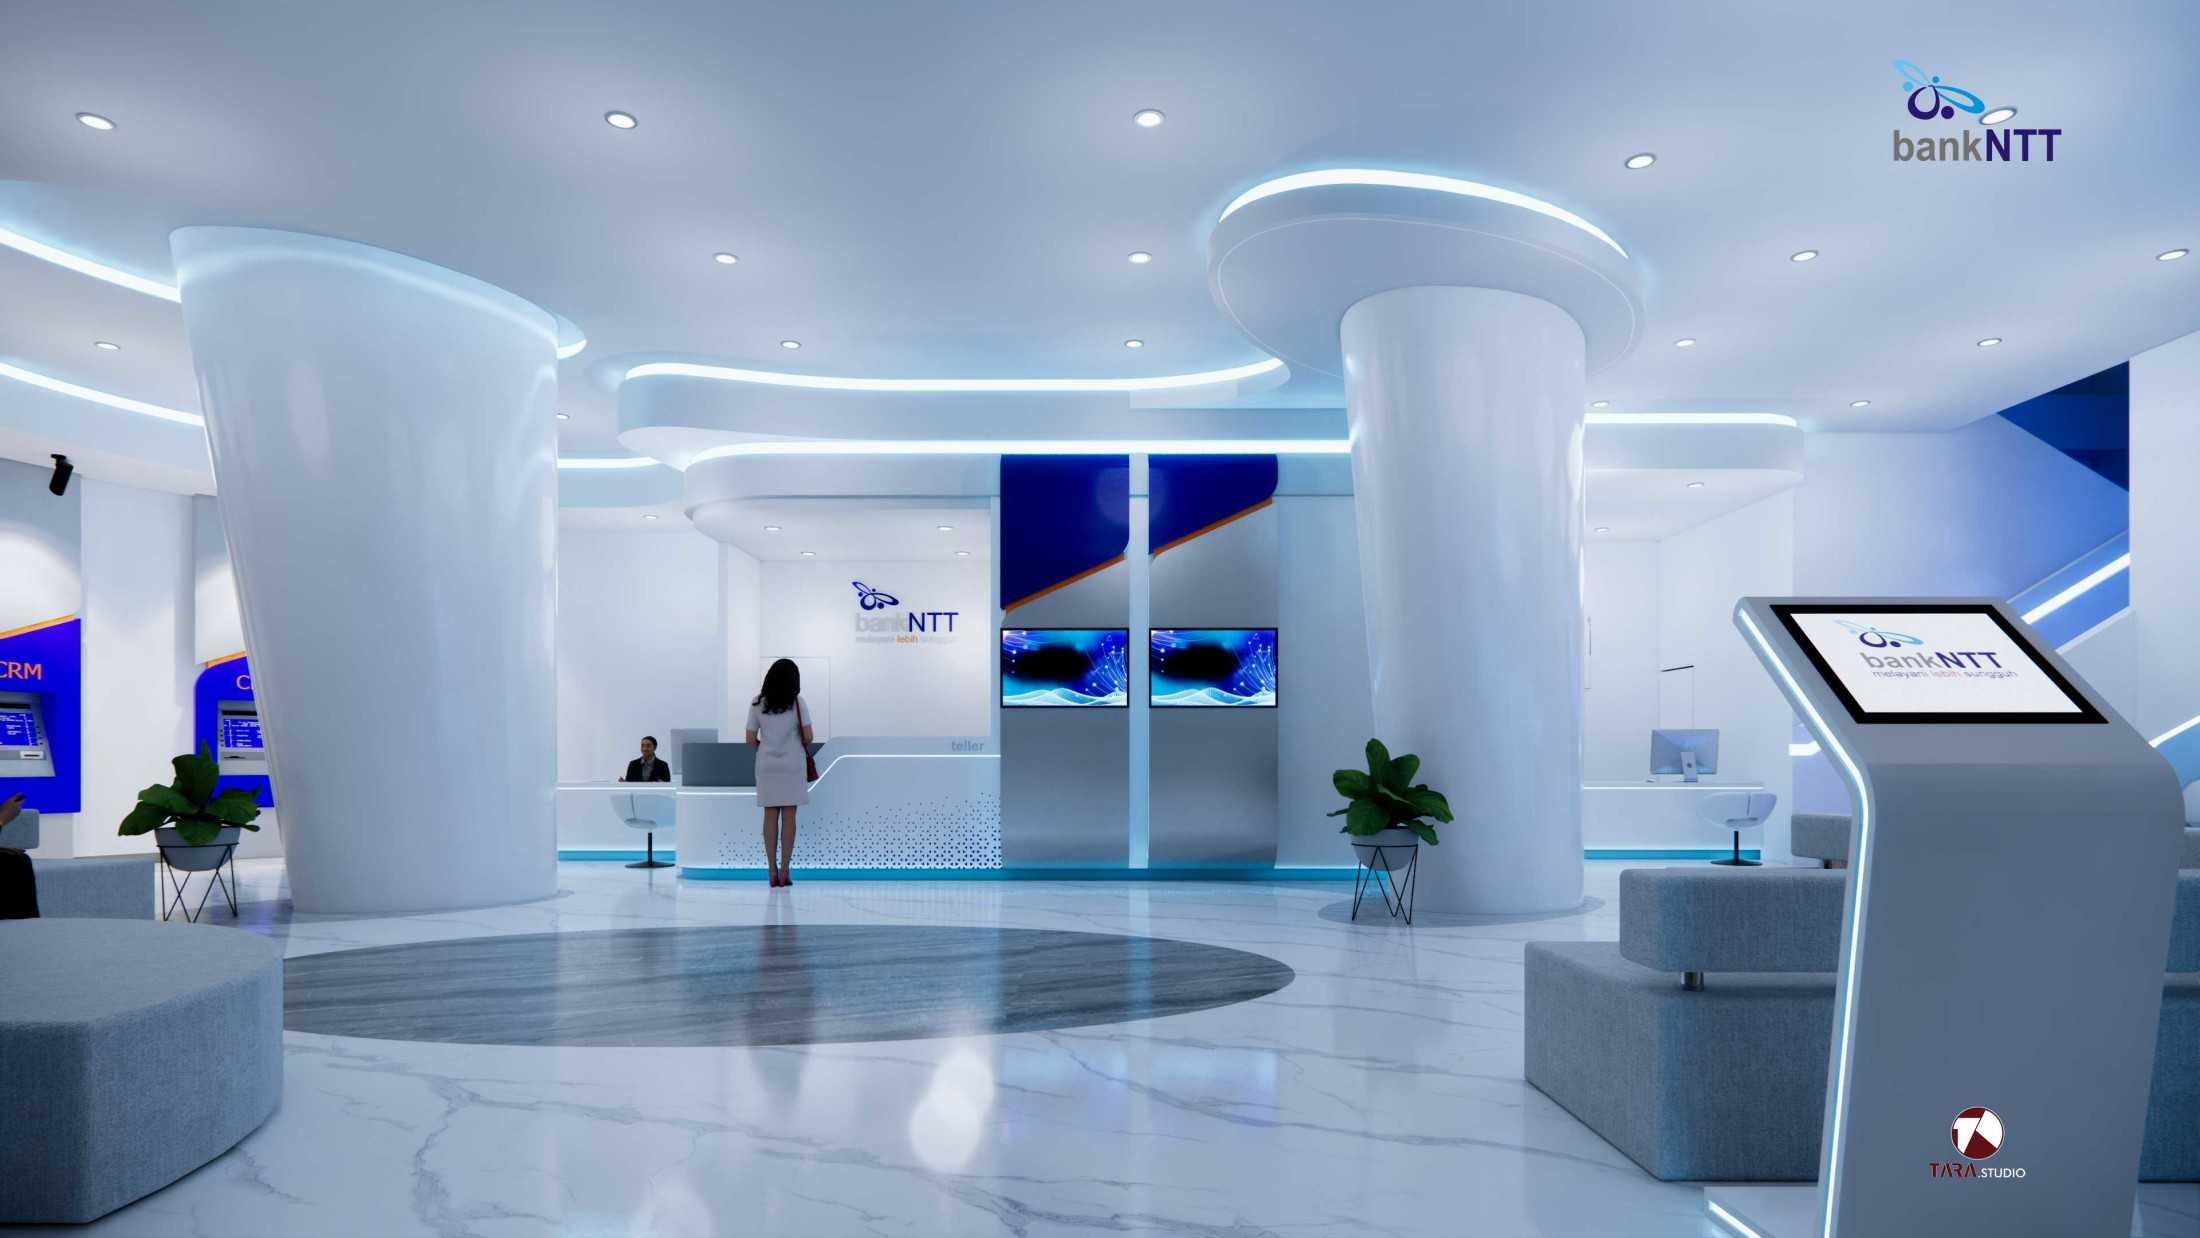 Tara Studio Banking Hall Bank Ntt Kupang, Kota Kupang, Nusa Tenggara Tim., Indonesia Kupang, Kota Kupang, Nusa Tenggara Tim., Indonesia Tara-Studio-Banking-Hall-Bank-Ntt  126131